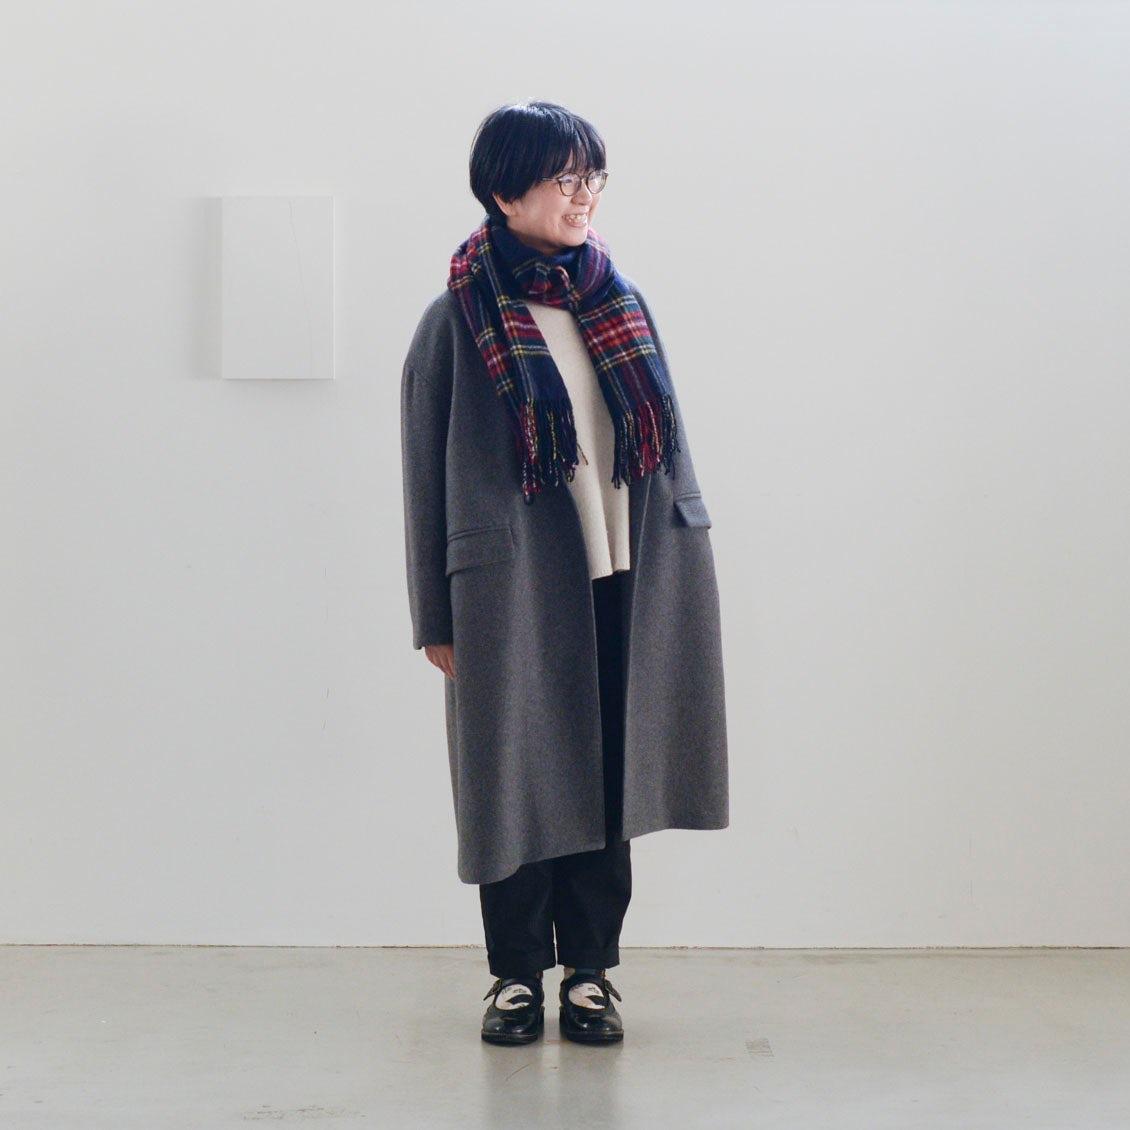 【着用レビュー増刊号】今着たい!当店オリジナルのコート。気になるポイントをズバリ聞いてみました。